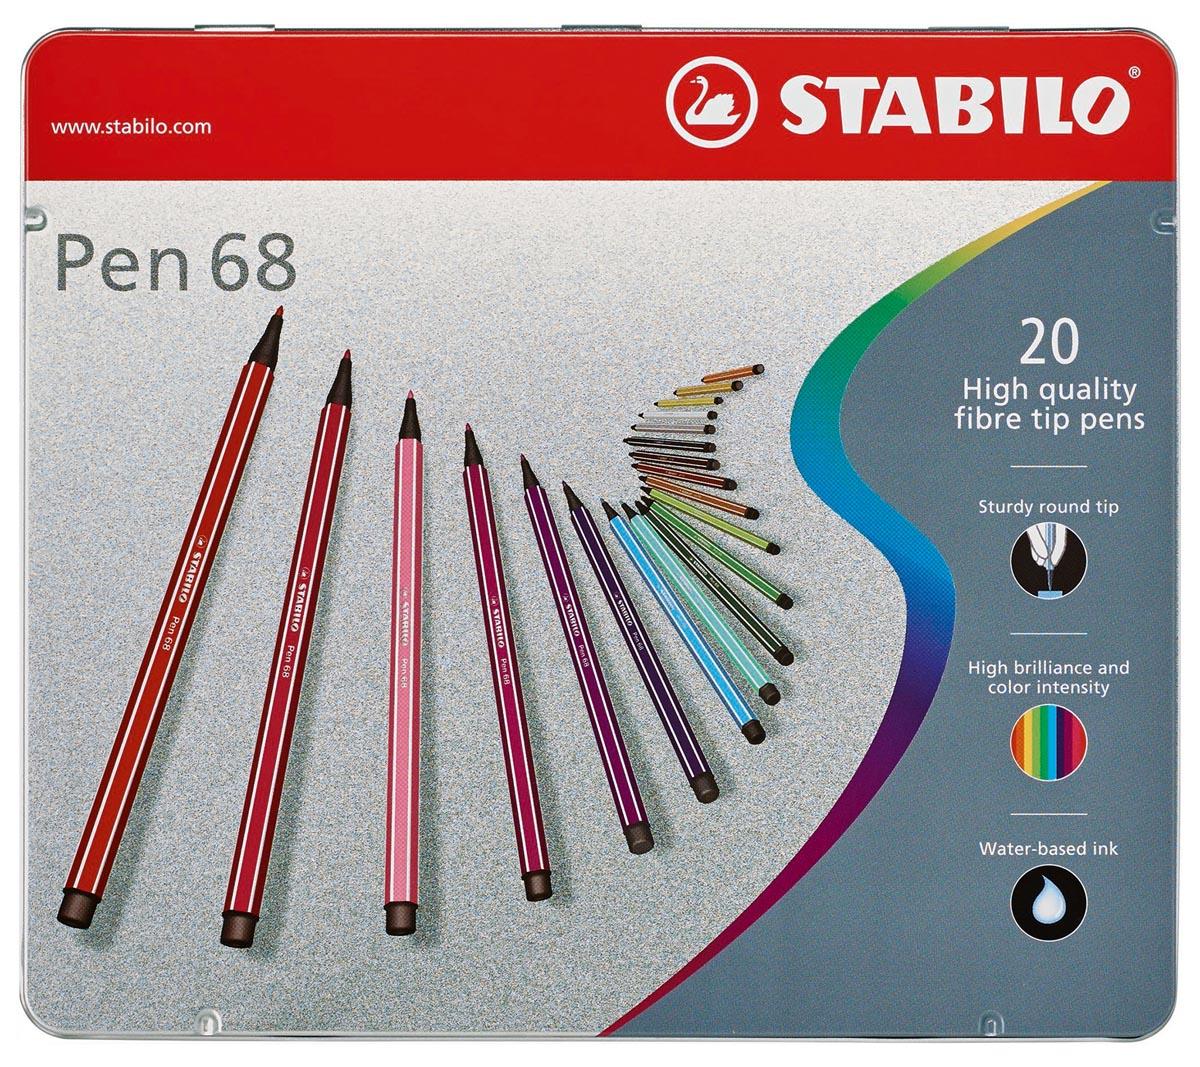 STABILO Pen 68 viltstift, metalen doos van 20 stiften in geassorteerde kleuren